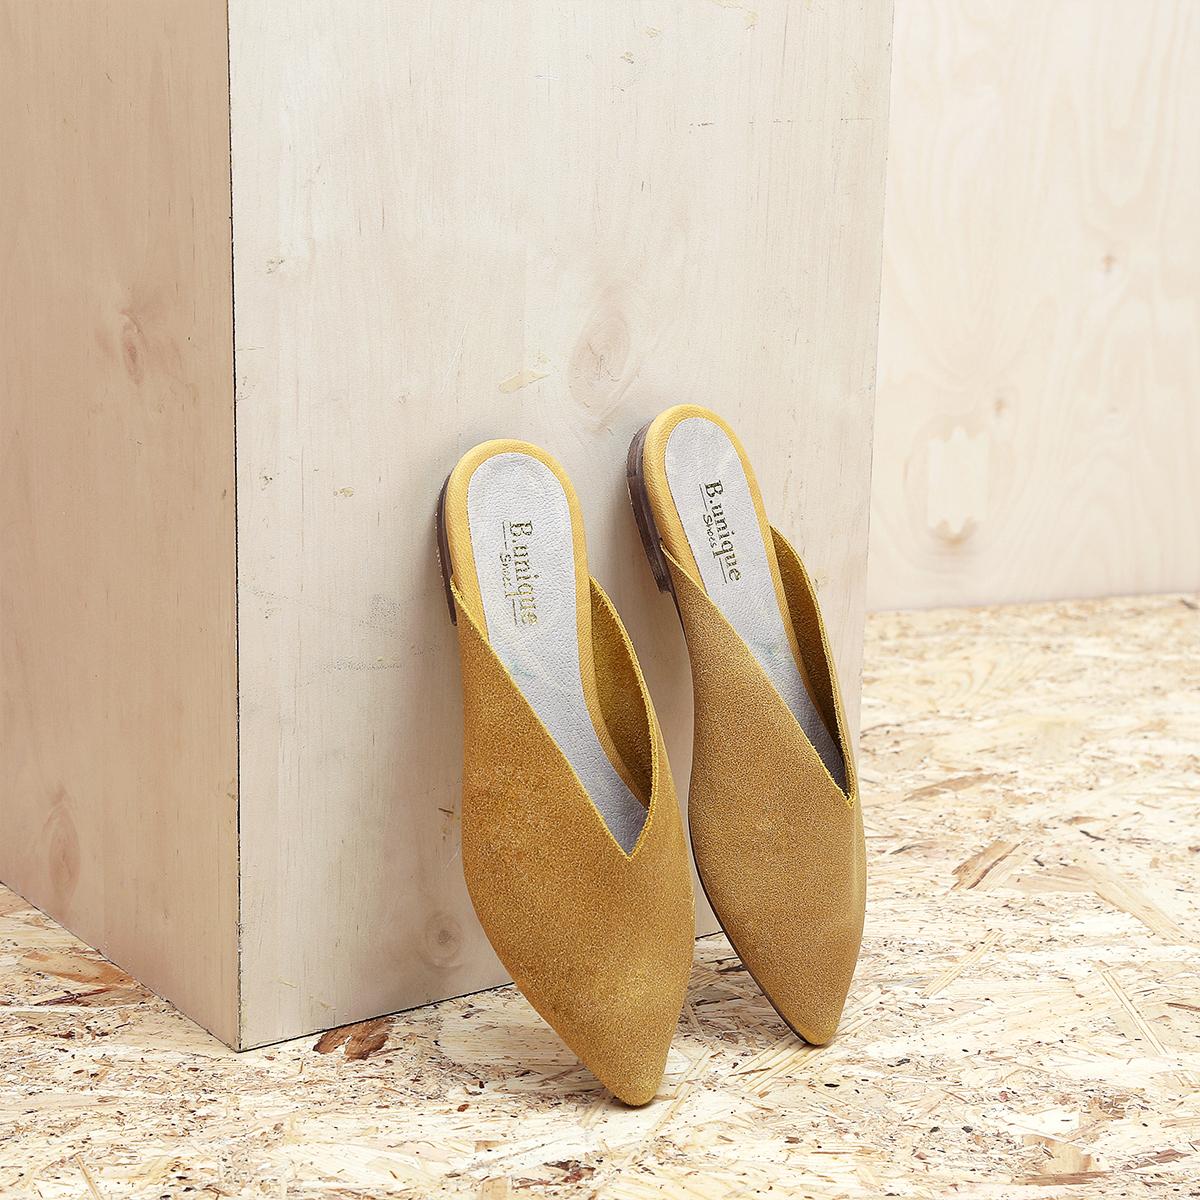 דגם קוקו - כפכפים מעוצבים לנשים בצבע חרדל - B.unique